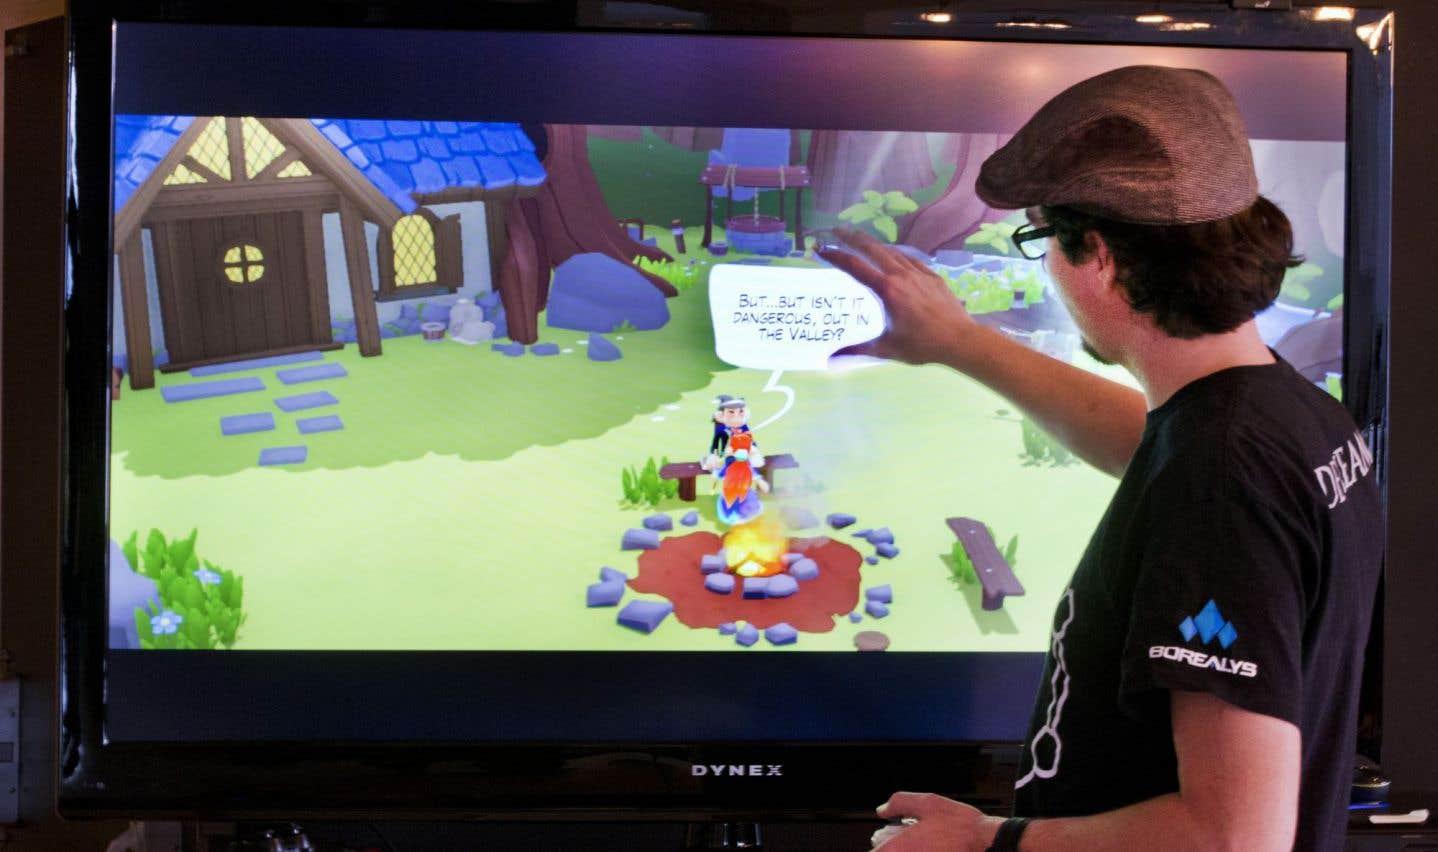 Borealys crée un nouveau jeu vidéo déjà traduit en huit langues